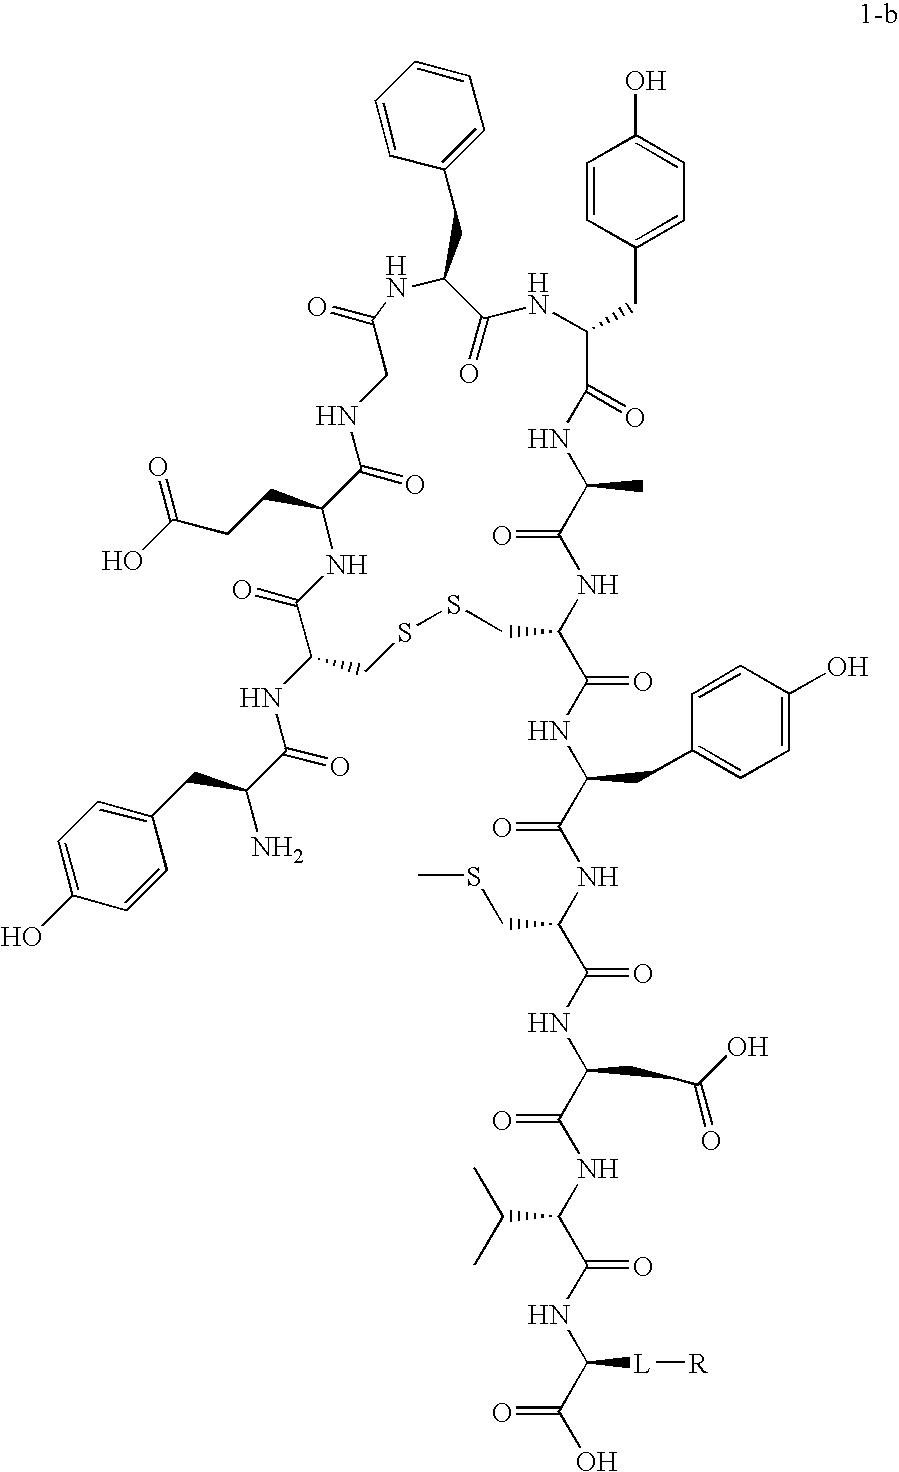 Figure US20090110662A1-20090430-C00003